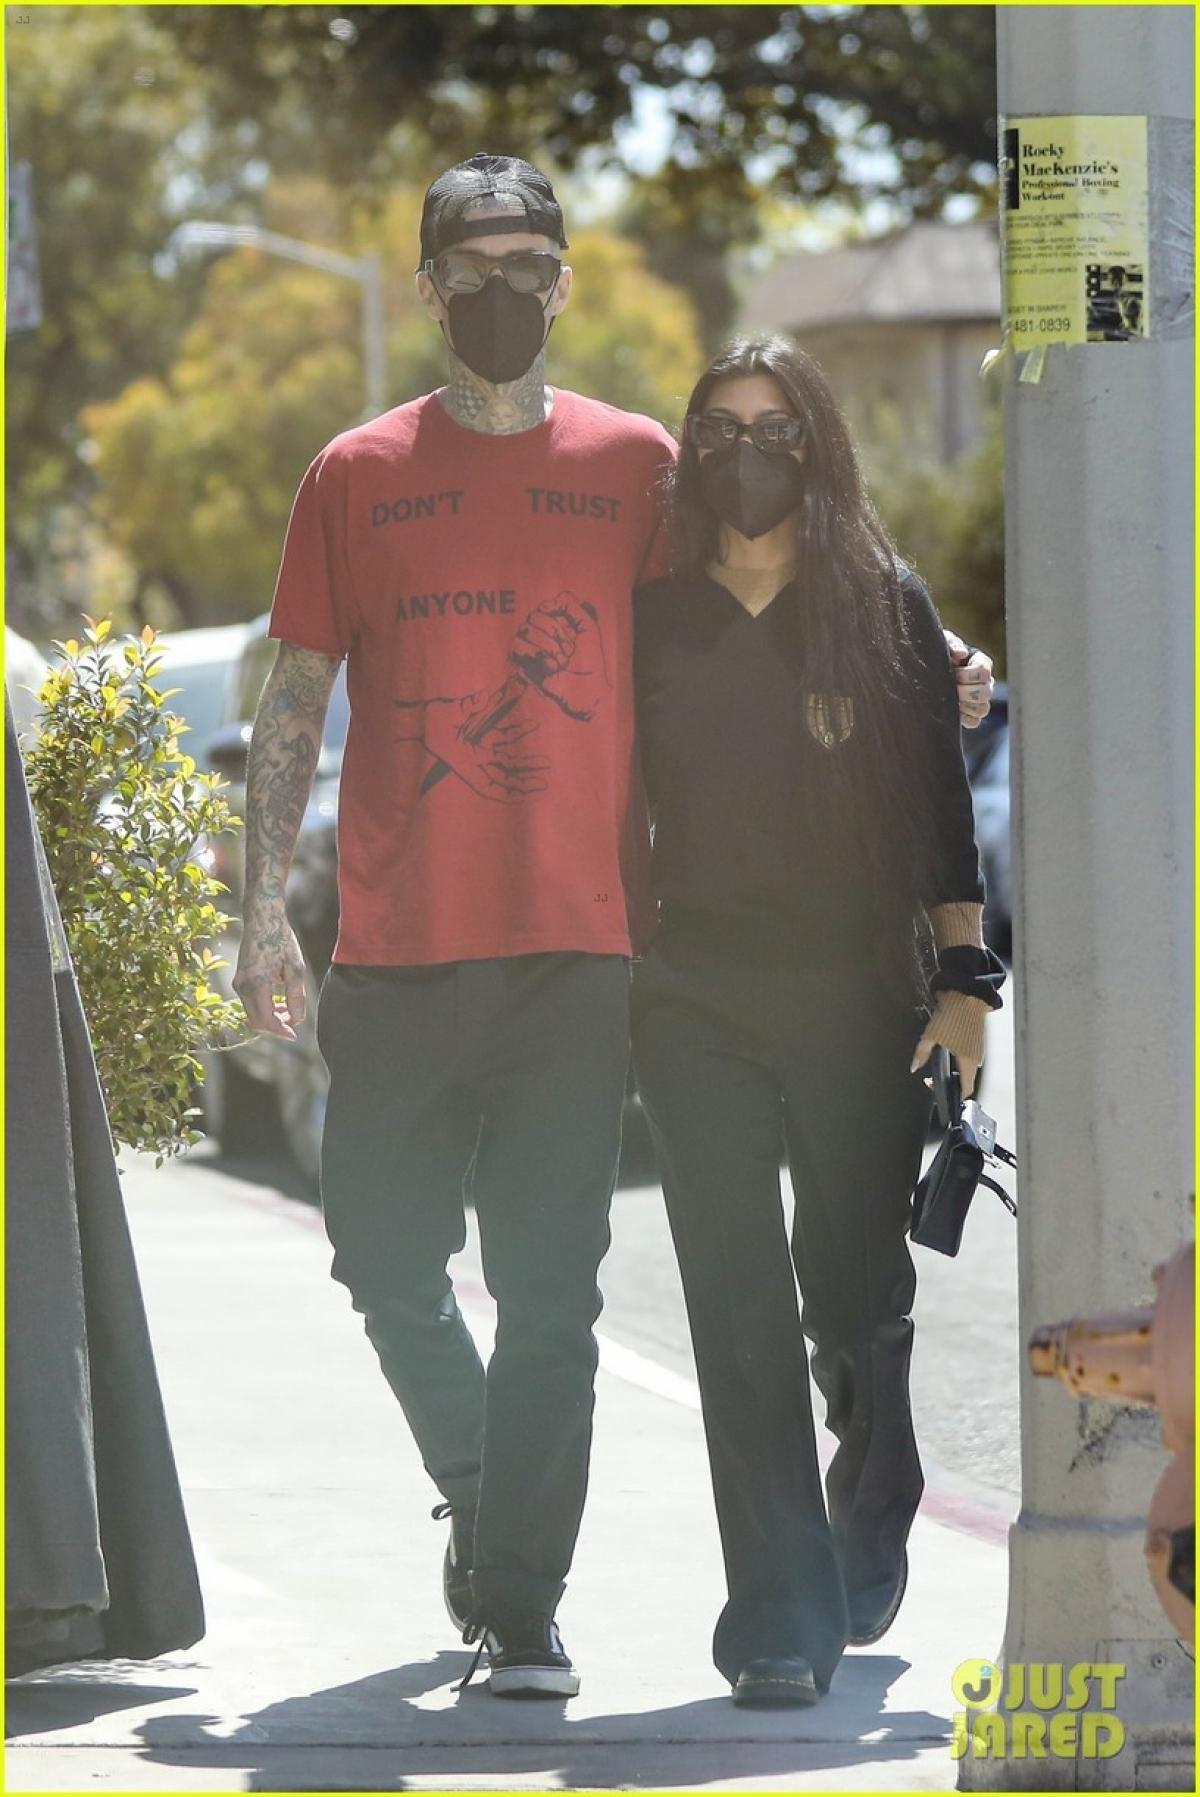 Trên People, một nguồn tin thân cận cho rằng Kourtney và Travis Barker dành nhiều thời gian bên nhau tại nhà của bà Kris Jenner./.